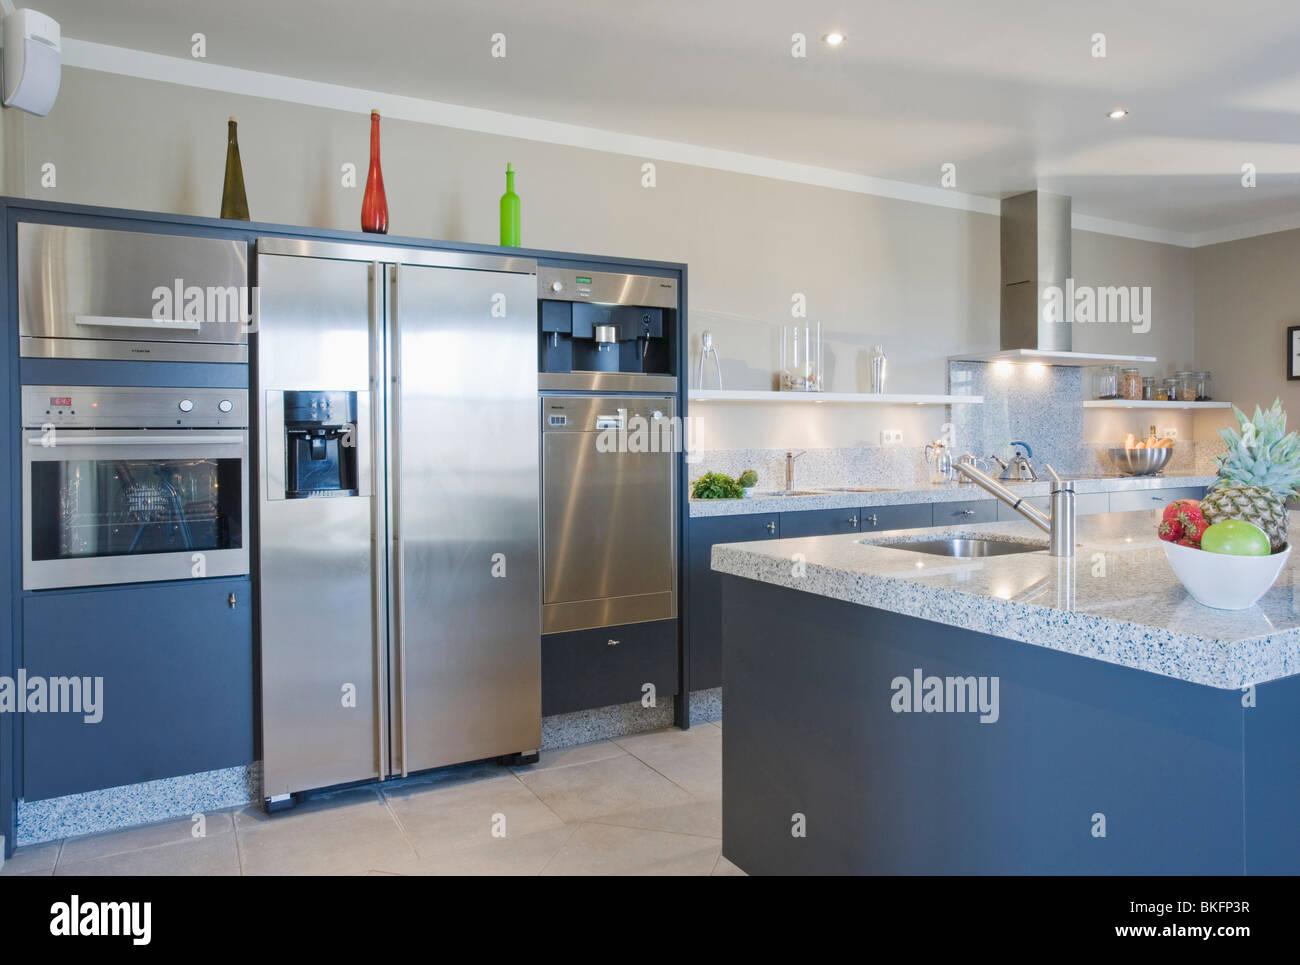 Kühlschrank Amerikanischer Stil : Kühlschrank im amerikanischen stil stockfotos kühlschrank im